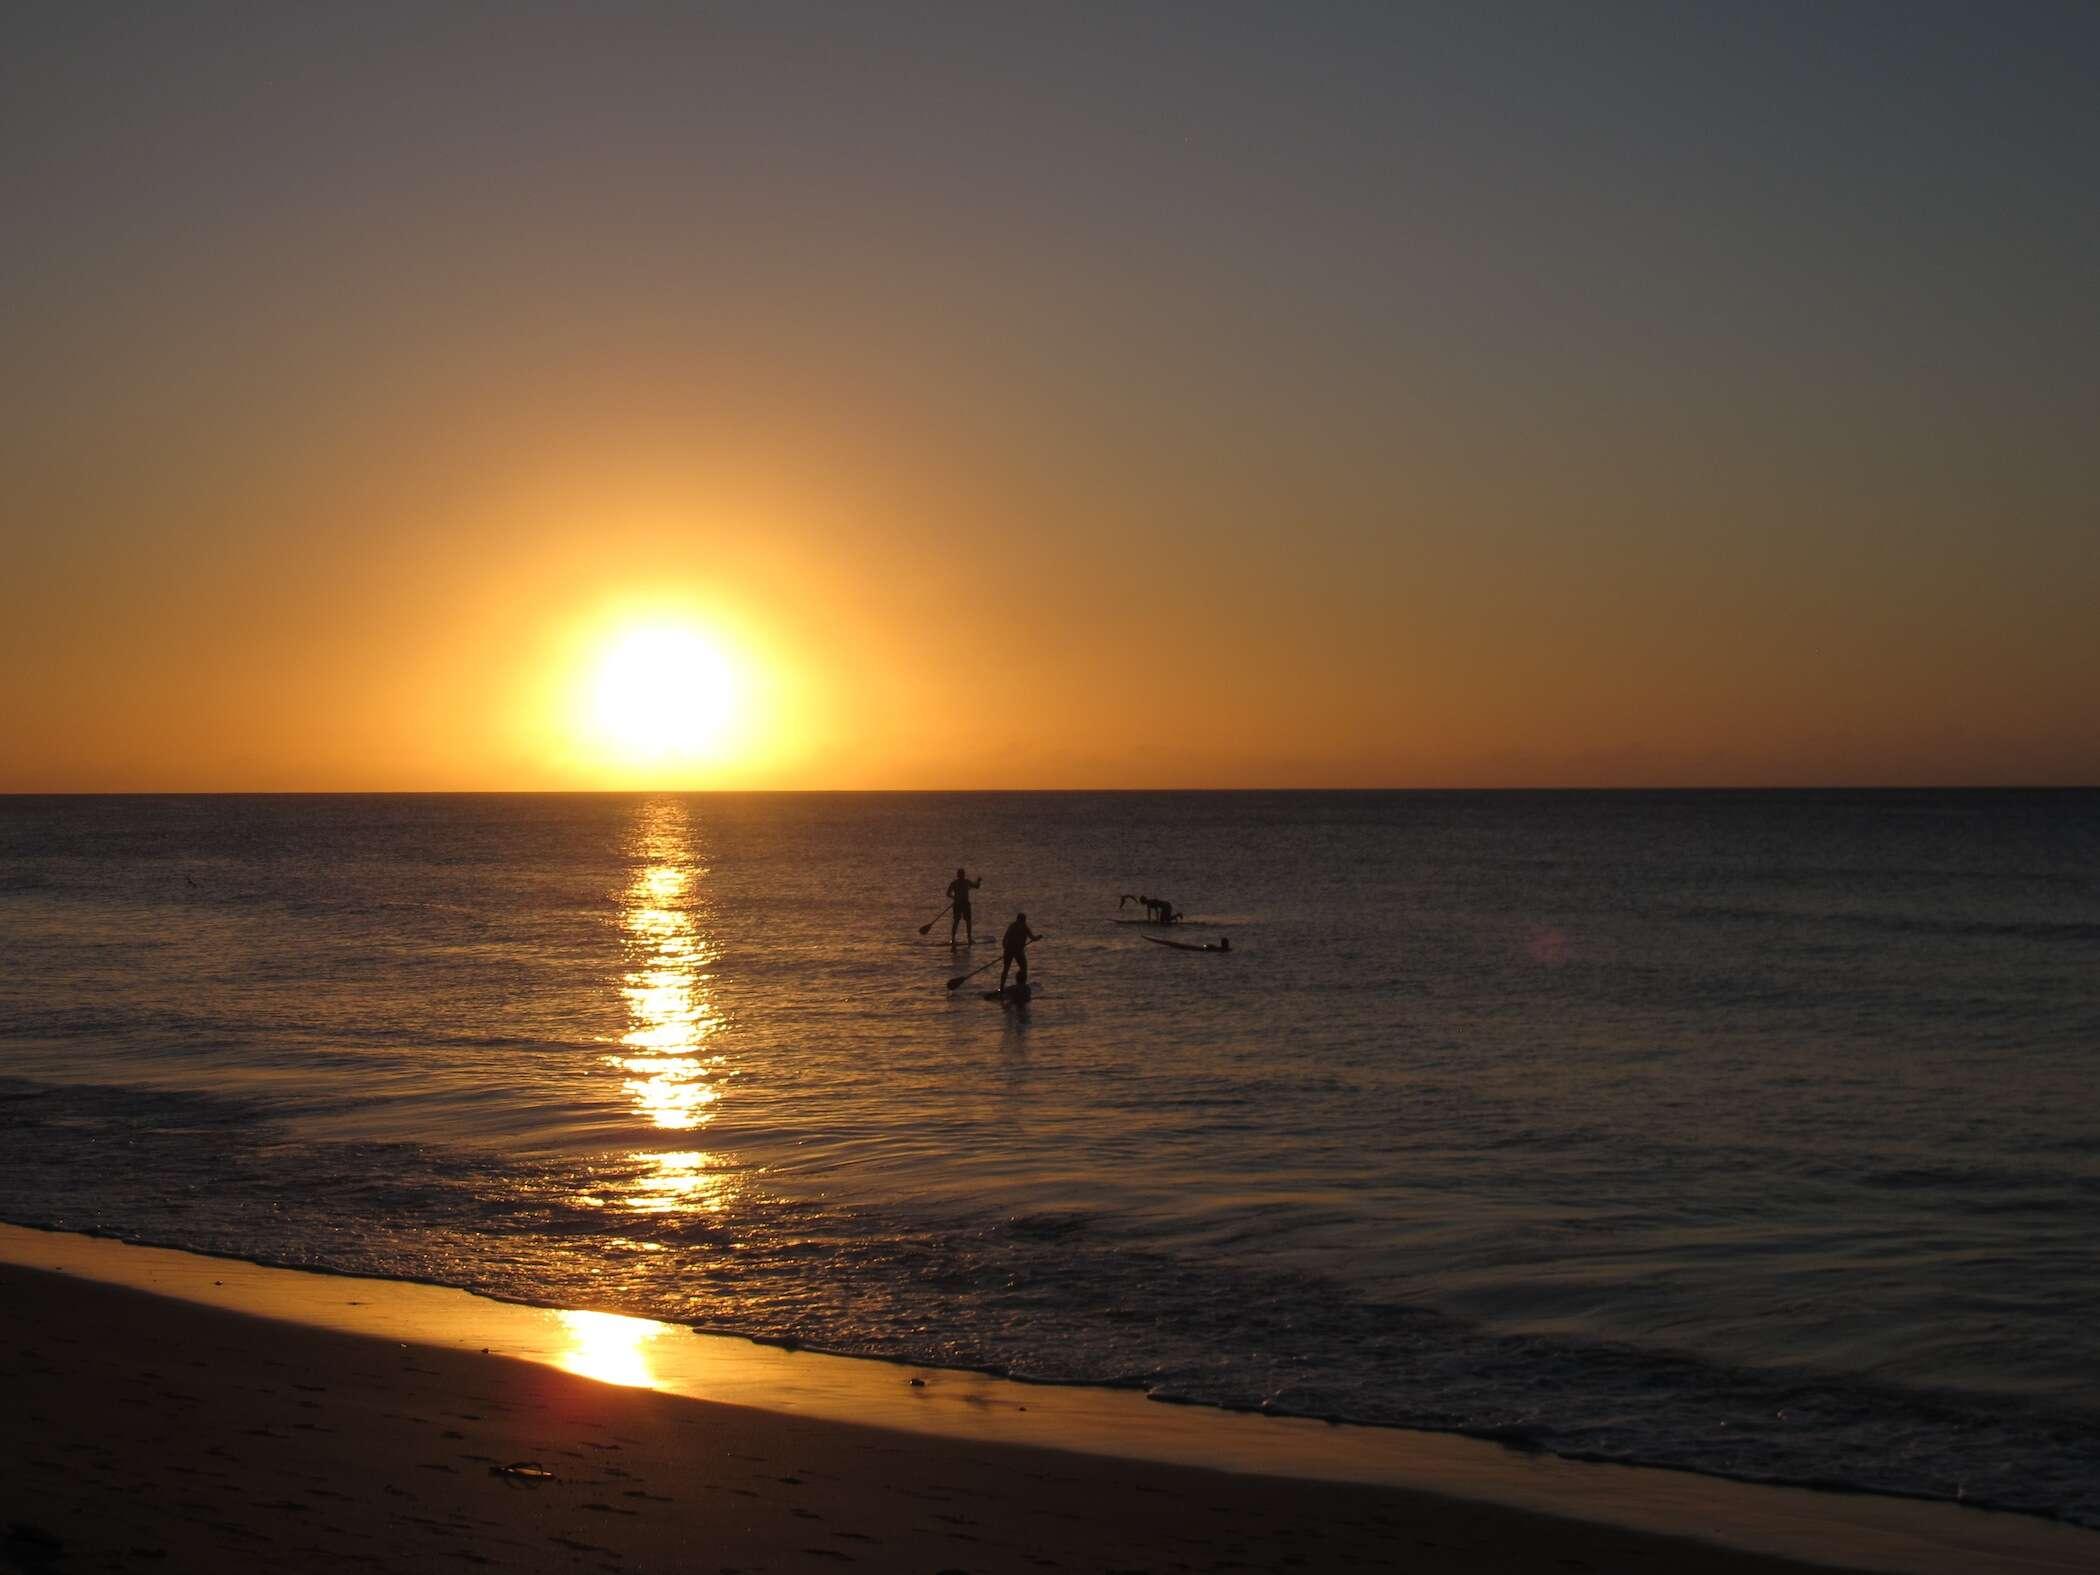 Pôr do Sol da praia da conceição - Noronha